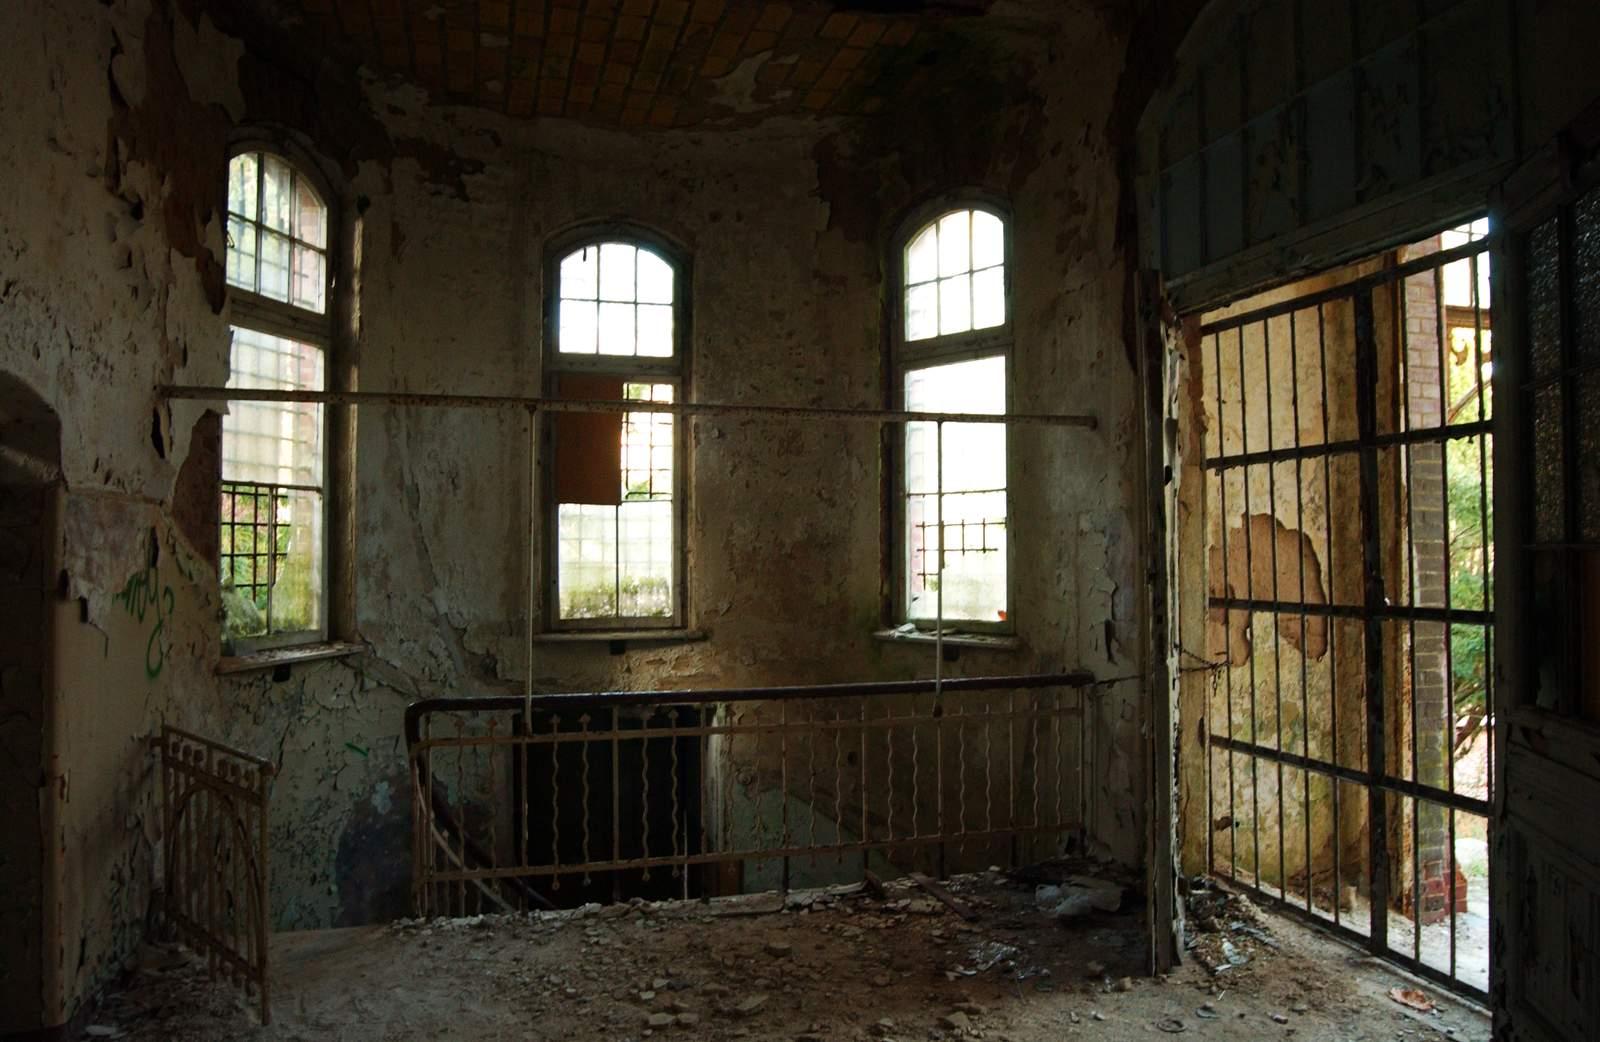 beelitz heilstatten8 Abandoned Beelitz Heilstatten Hospital